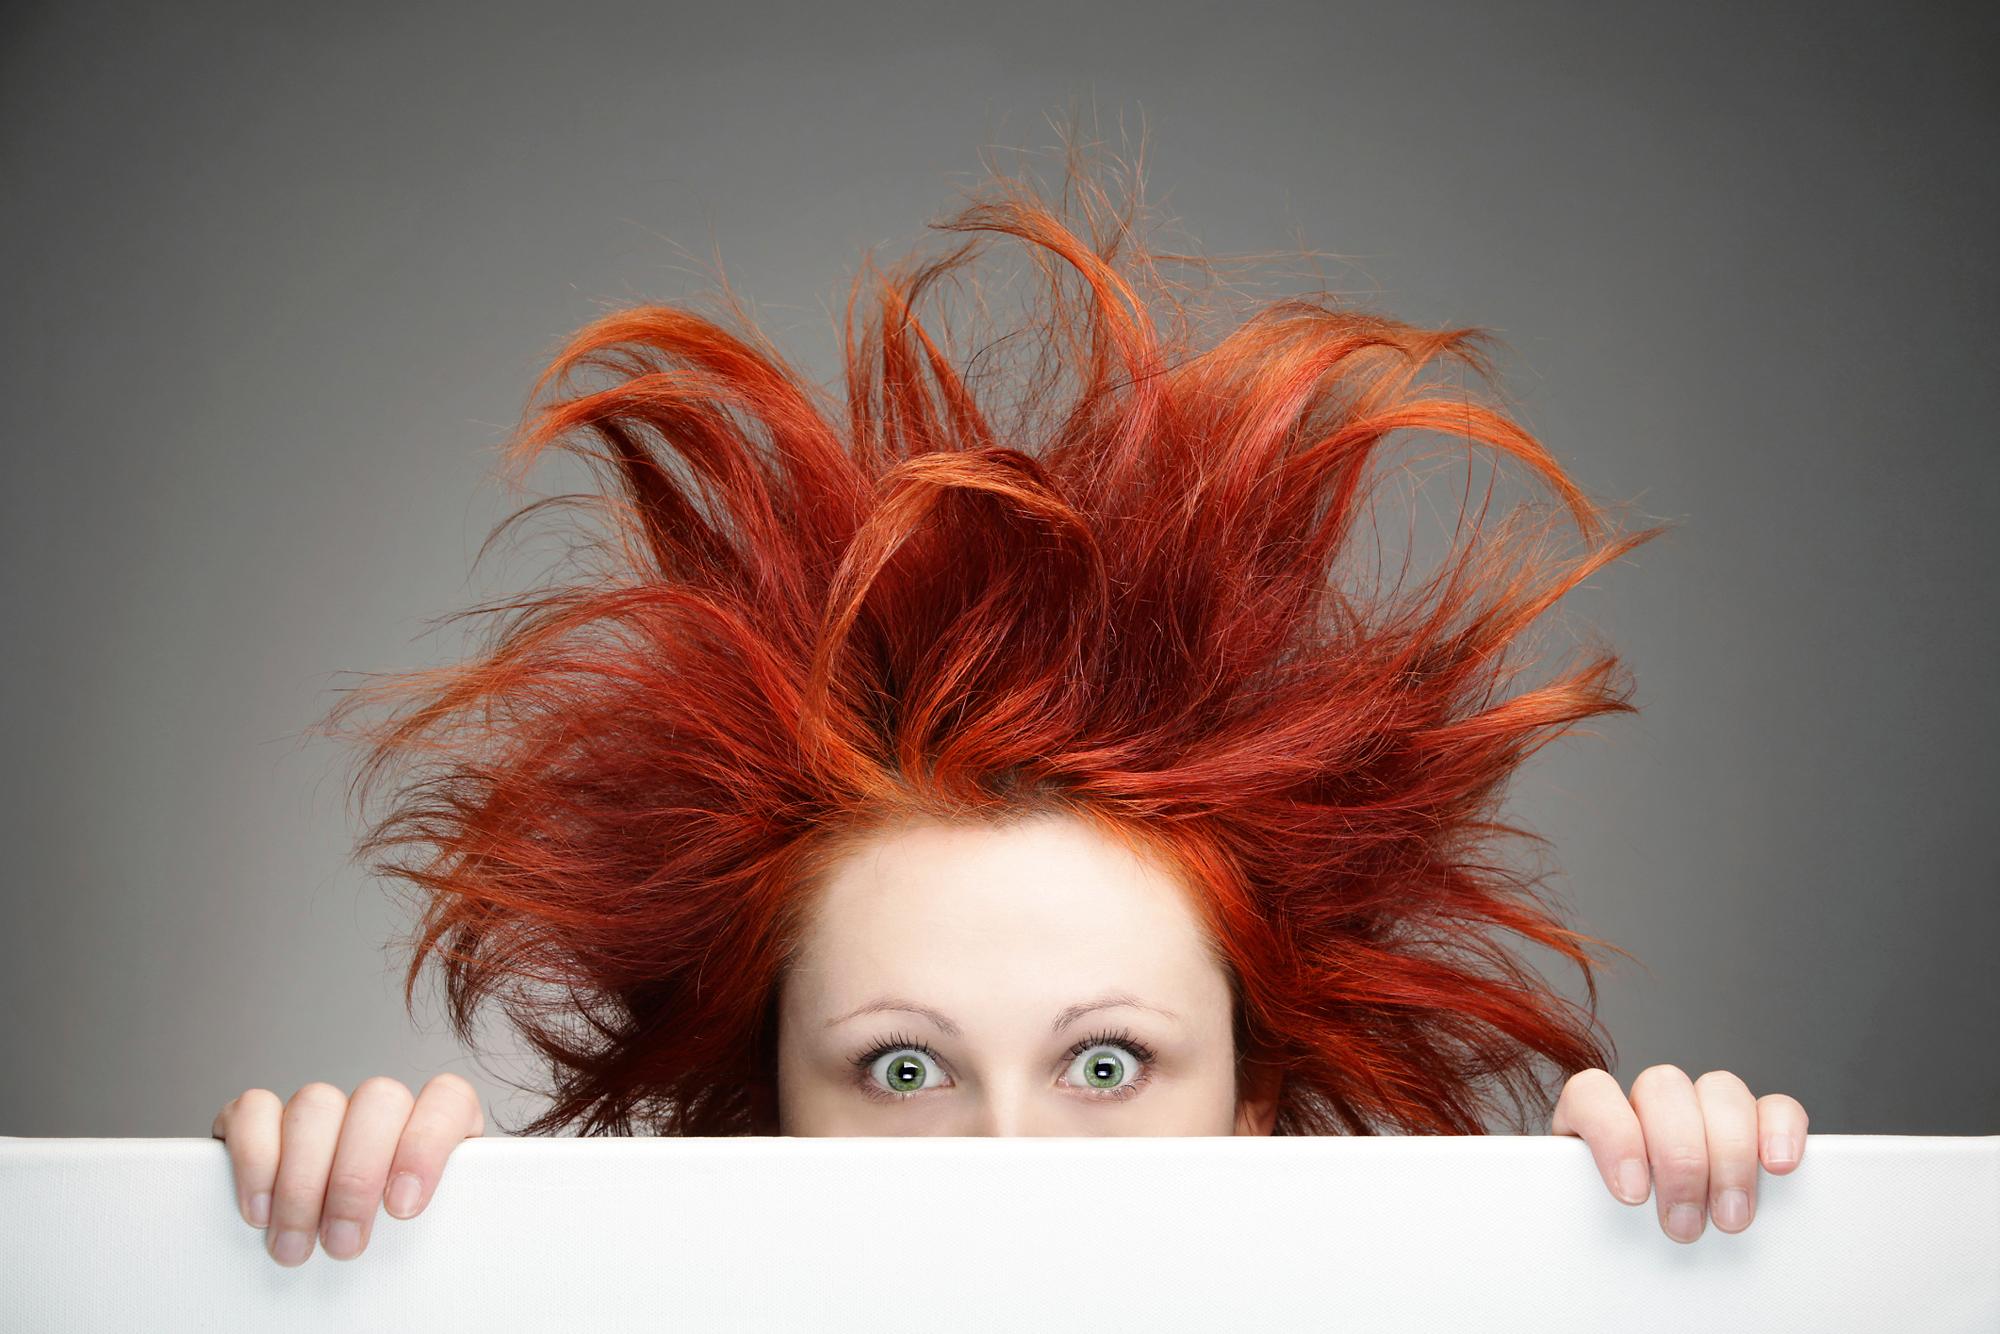 Помогите, я ненавижу свои волосы! Когда парикмахер поможет, а когда психолог?